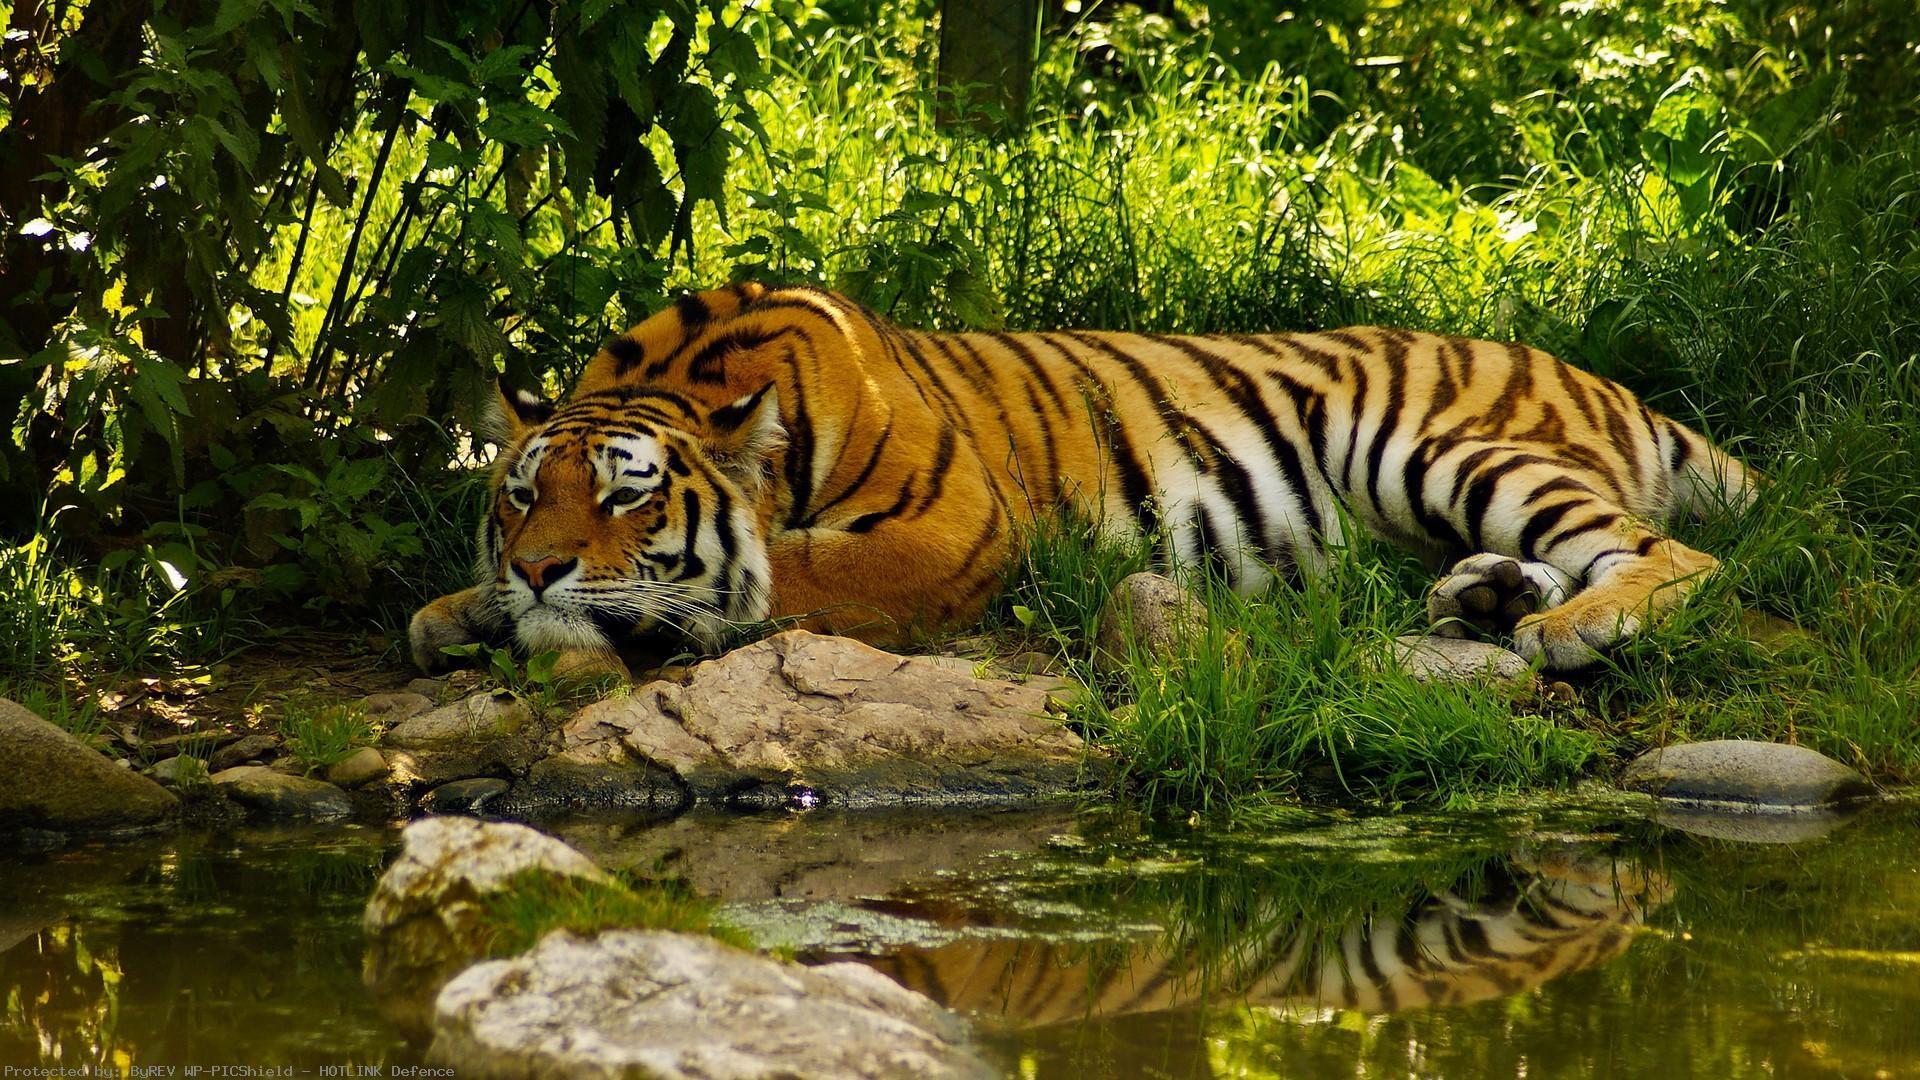 Jungle-Waterfall-HD-desktop-Fullscreen-Mobile-Dual-wallpaper-